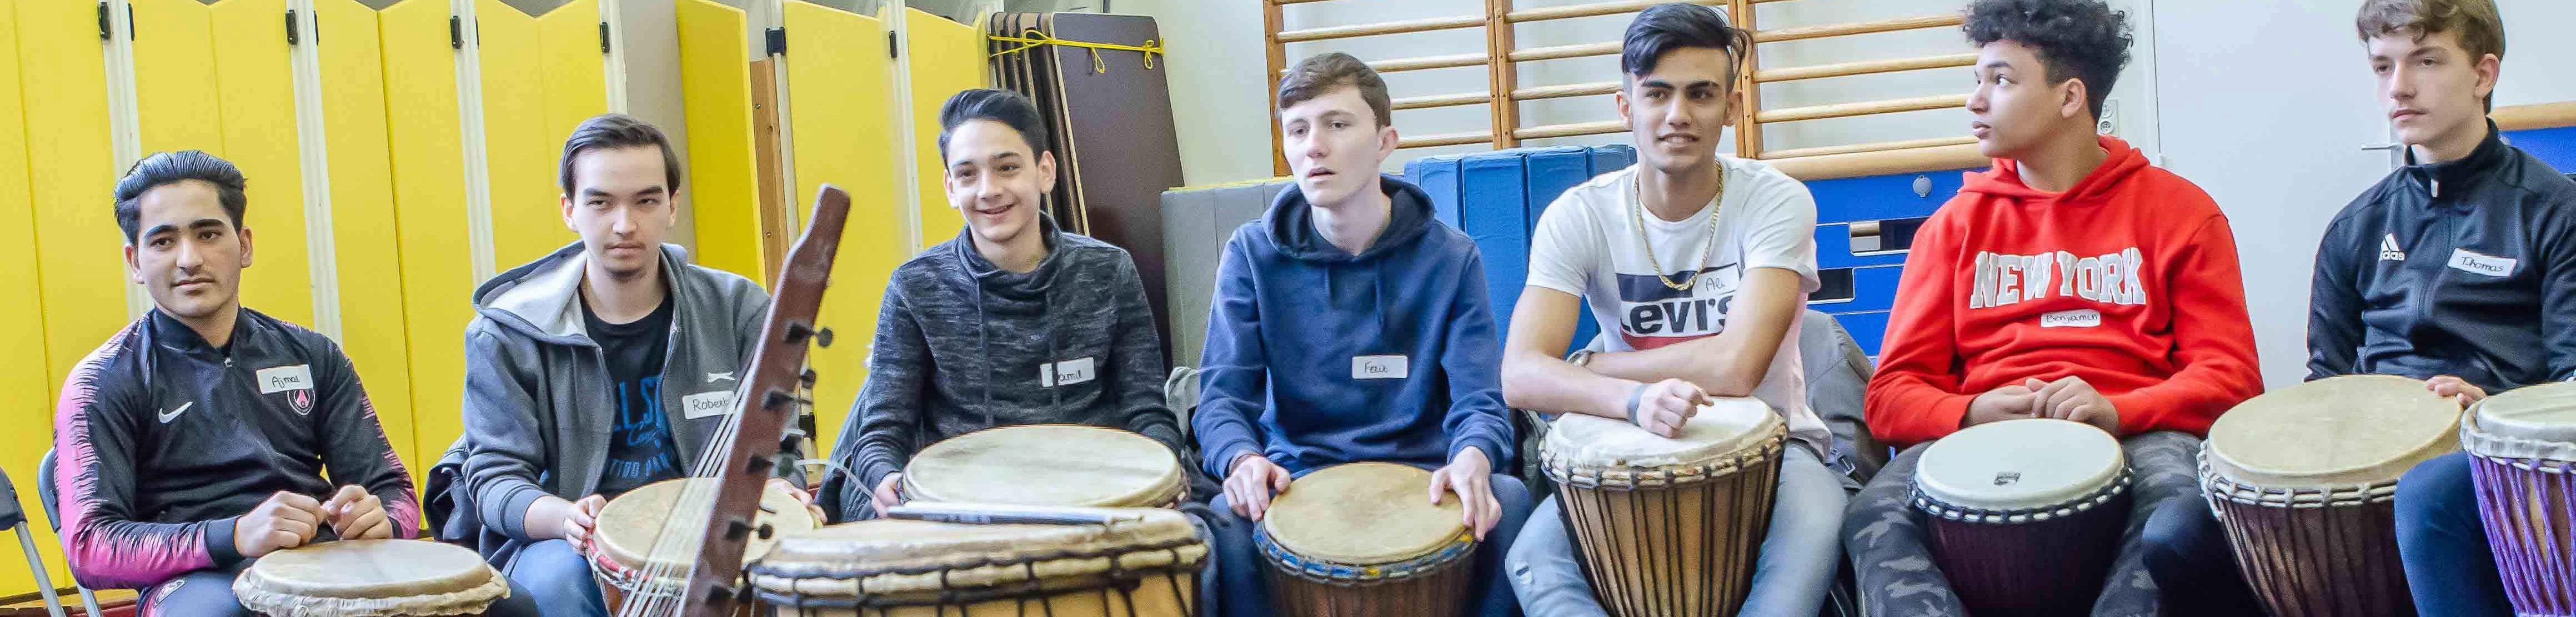 Petrus-En-Paulus-SJO-Onze-School-Activiteiten-Headerbeeld2